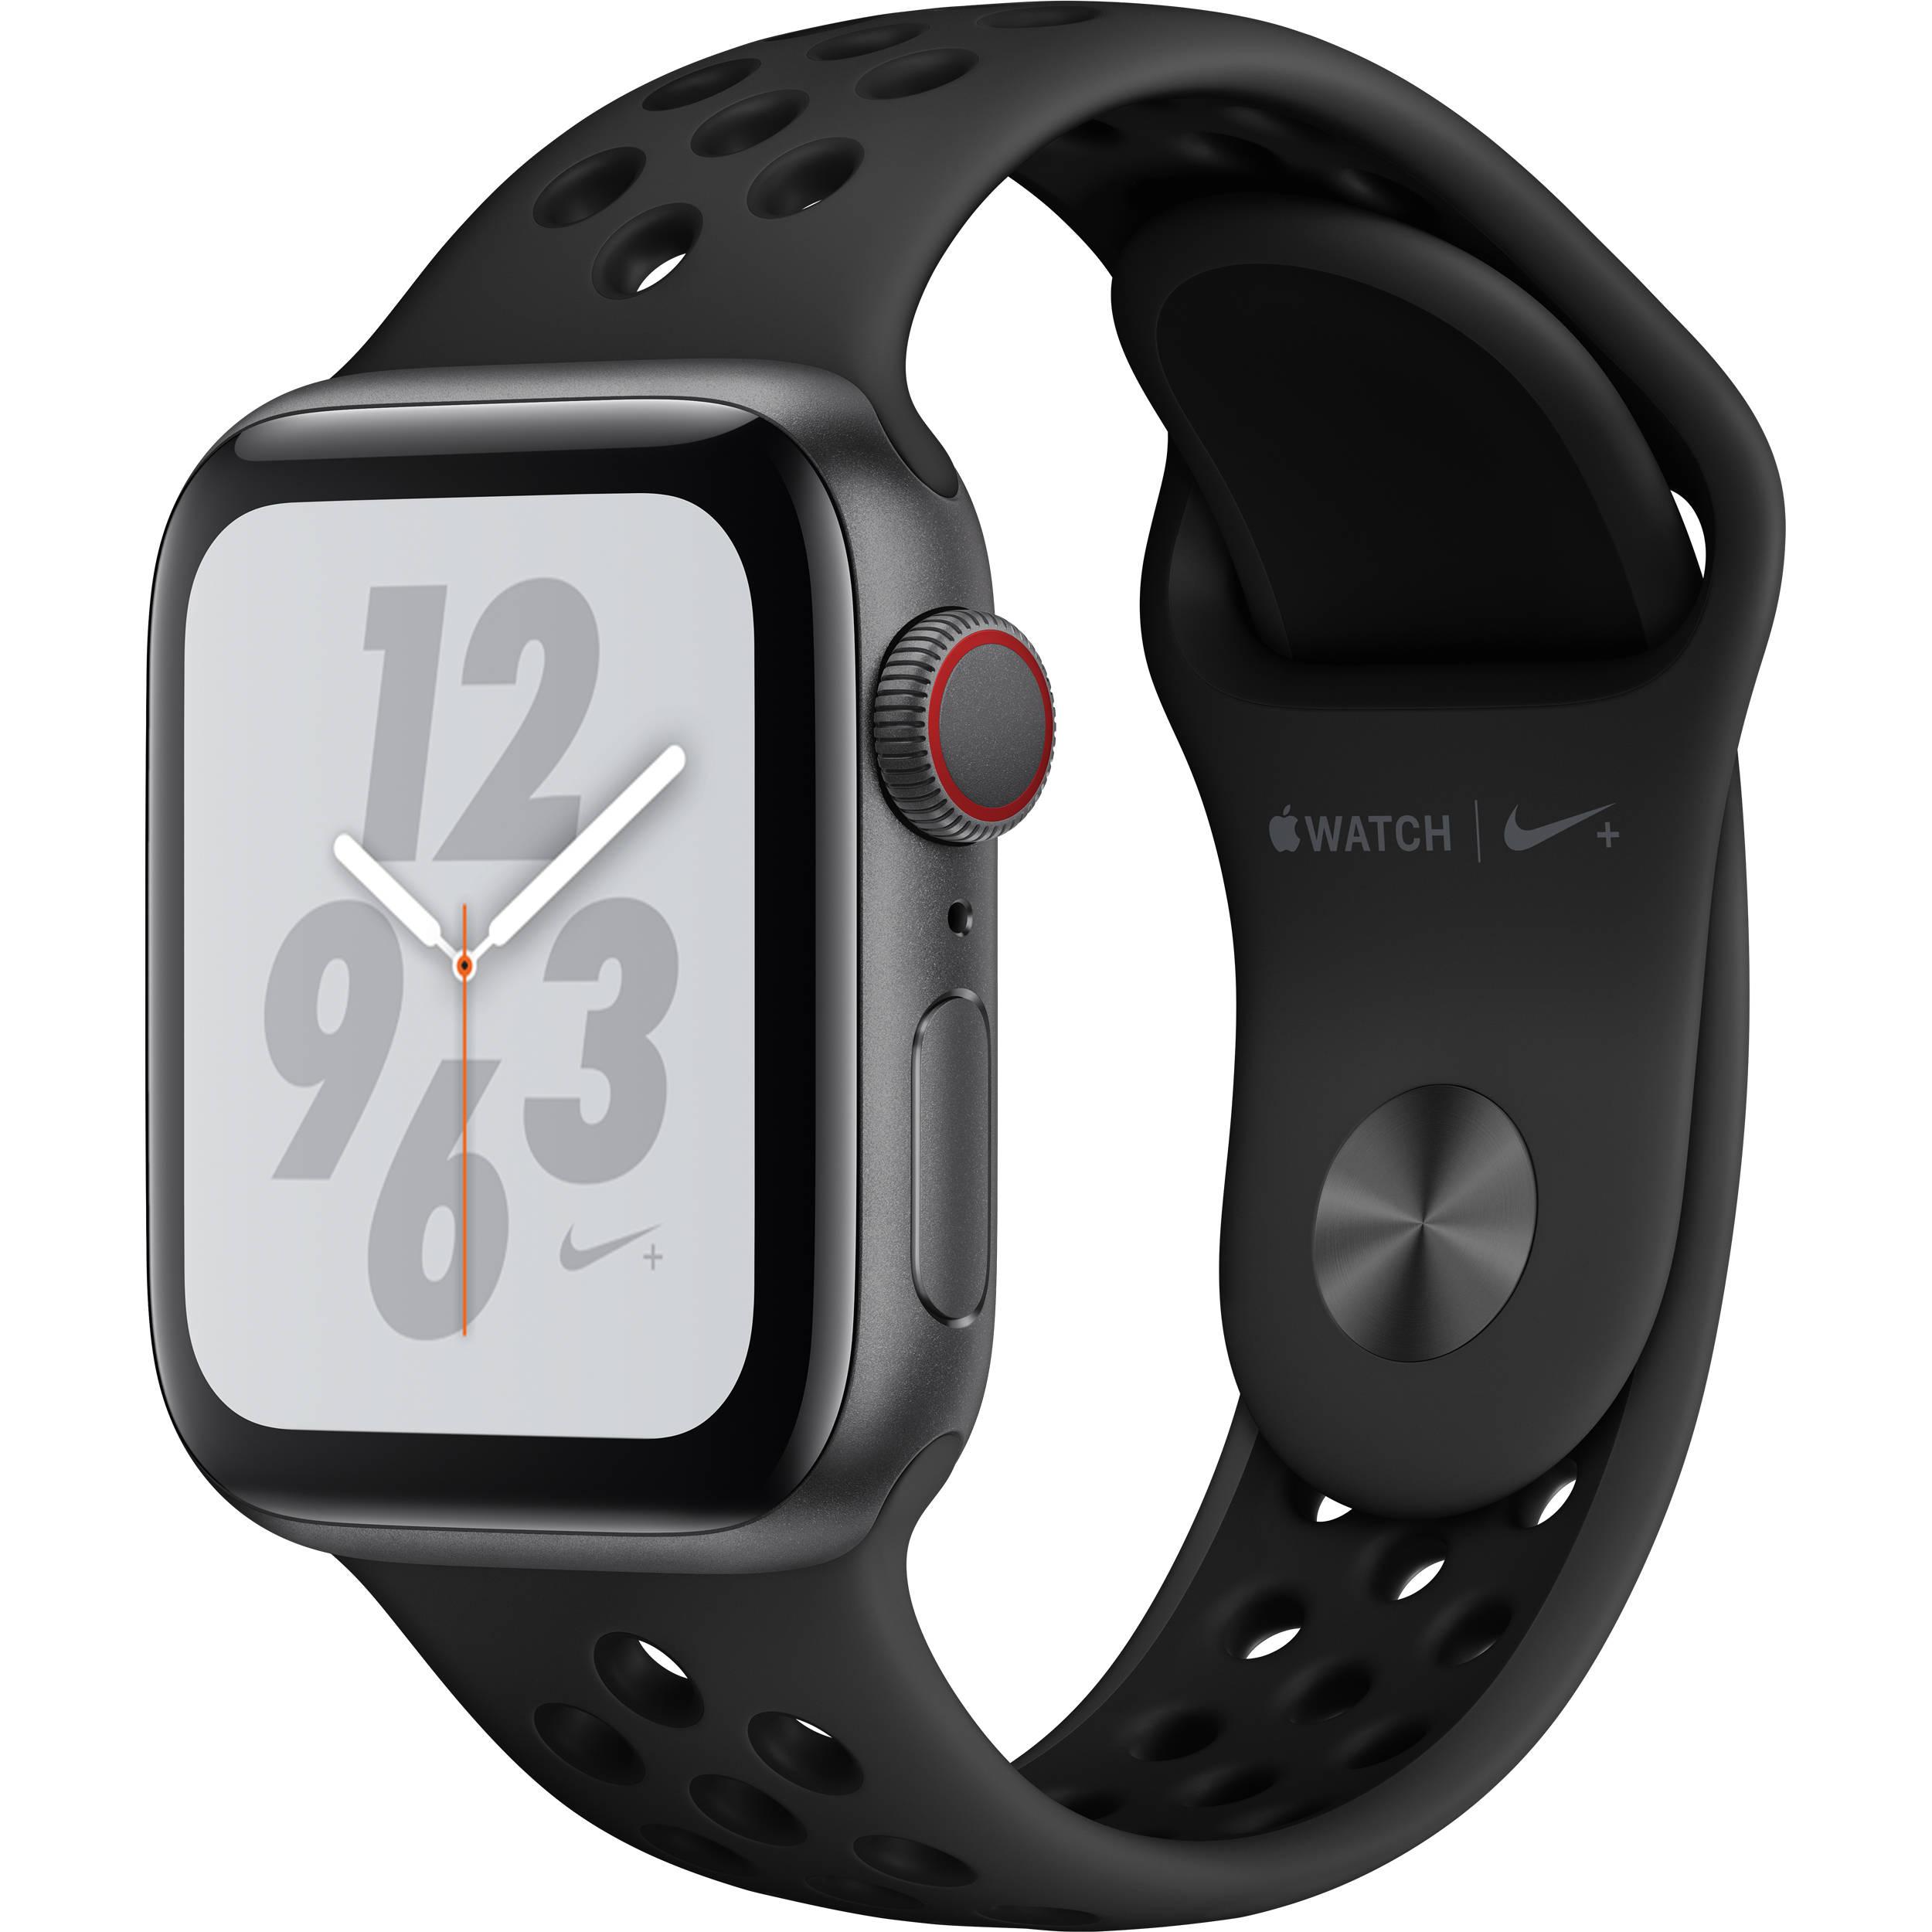 b7f0c98e8f7ff Apple Watch Nike+ Series 4 MTX82LL A B H Photo Video